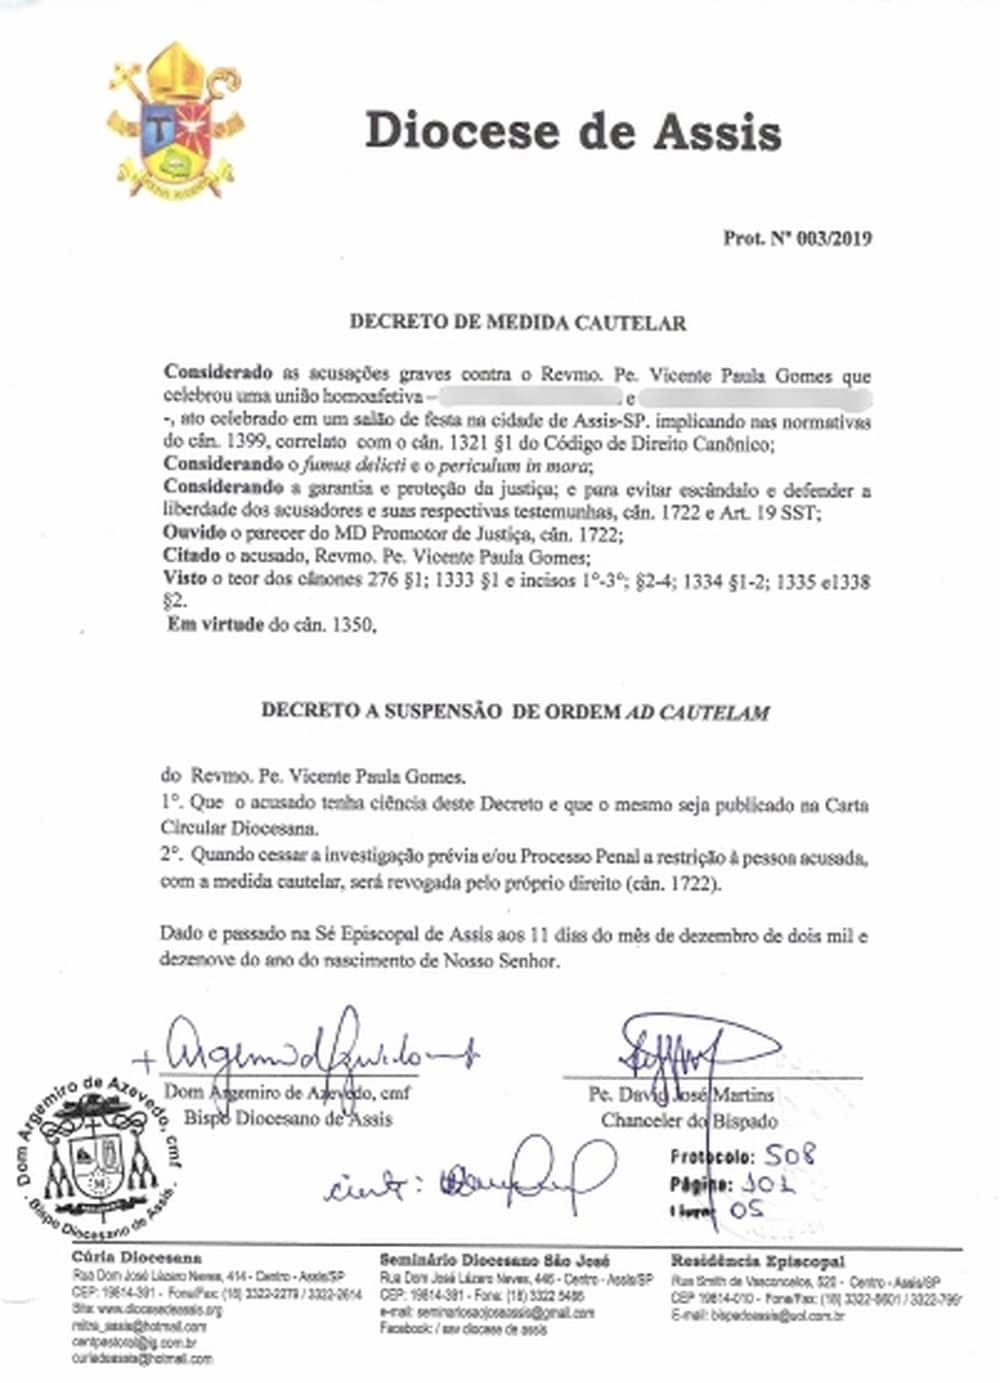 Diocese de Assis divulgou um documento comunicando o afastamento do padre nesta quinta-feira (12) — Foto: Diocese de Assis/Reprodução